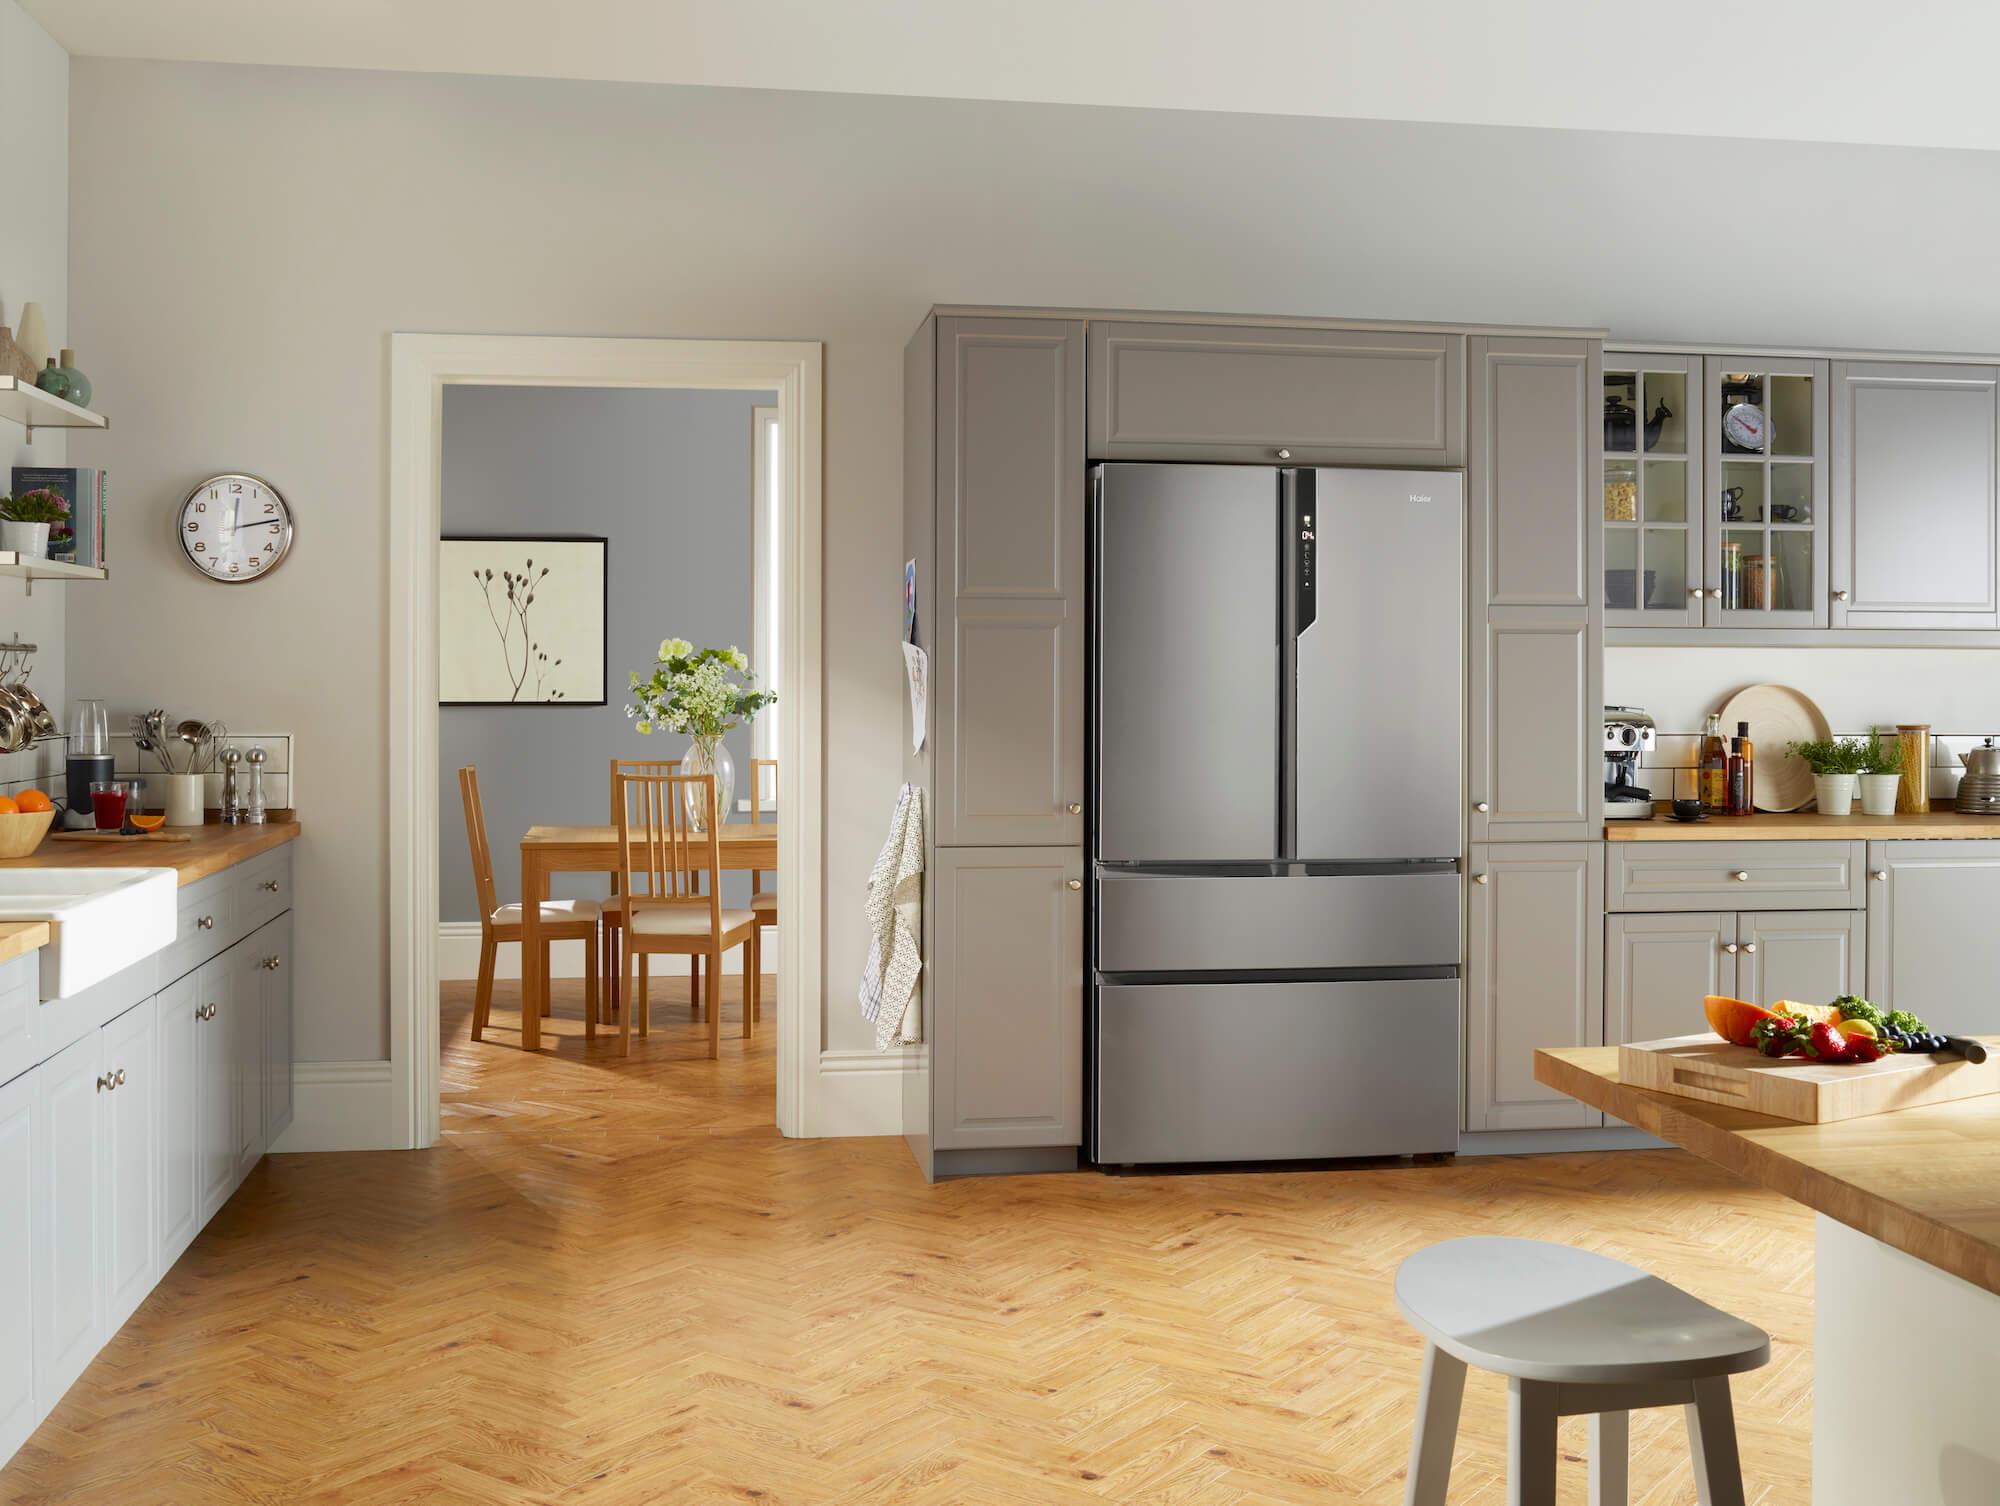 Рейтинг топ-10 лучших холодильников samsung, их плюсы и минусы